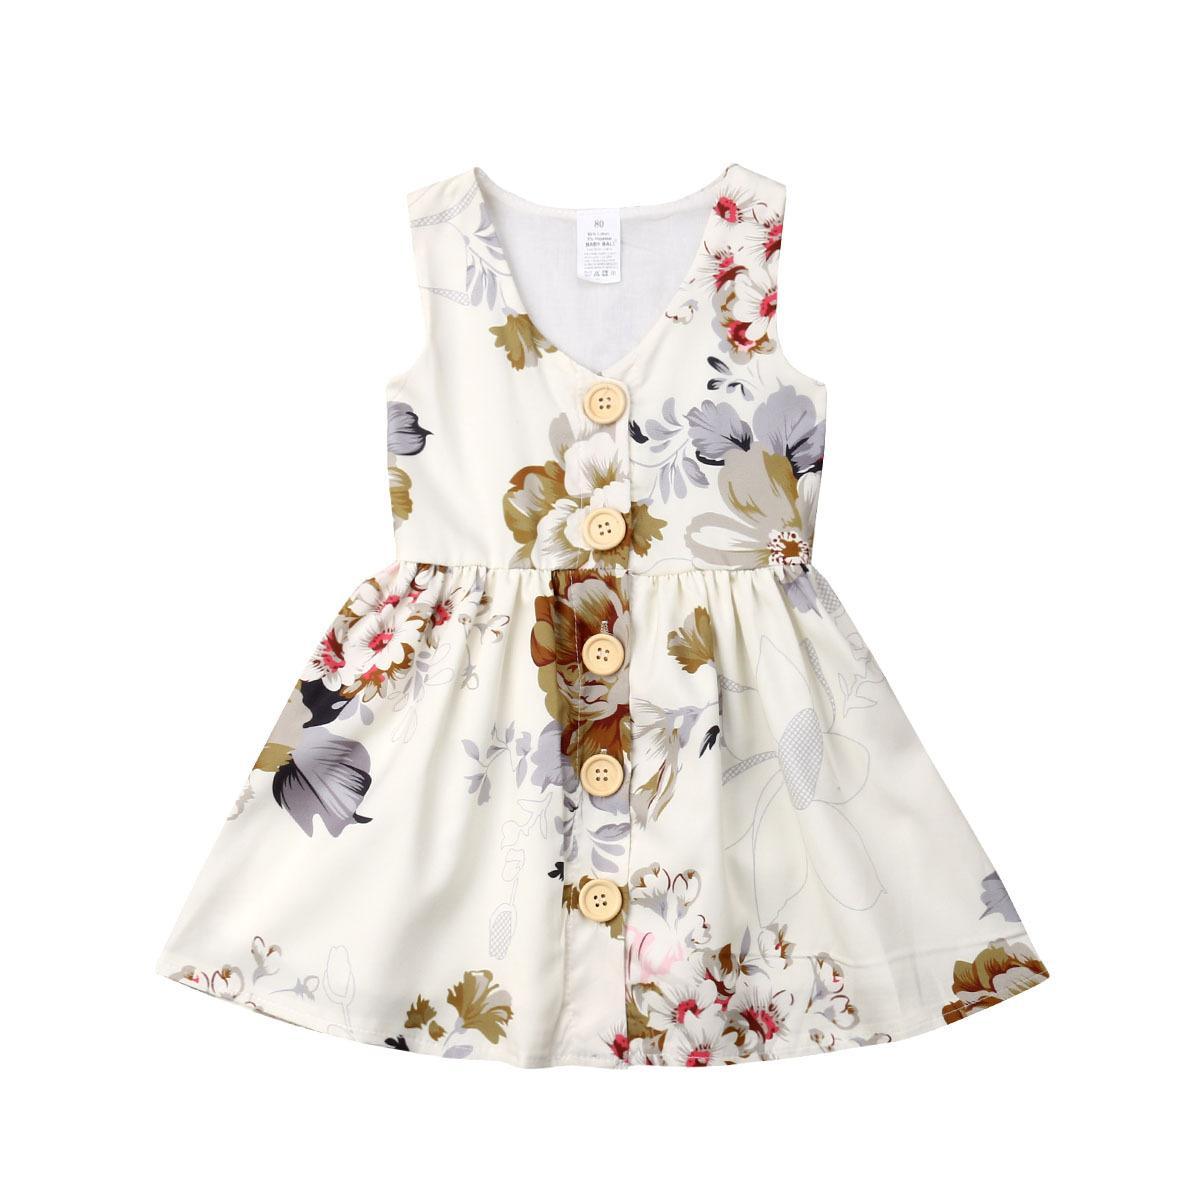 6453abdb6 Compre Vestido De La Muchacha De Los Niños Vestido Sin Mangas De Cuello  Redondo Estampado De Flores Completo Niña Vestido De Princesa Lolita De  Verano A ...